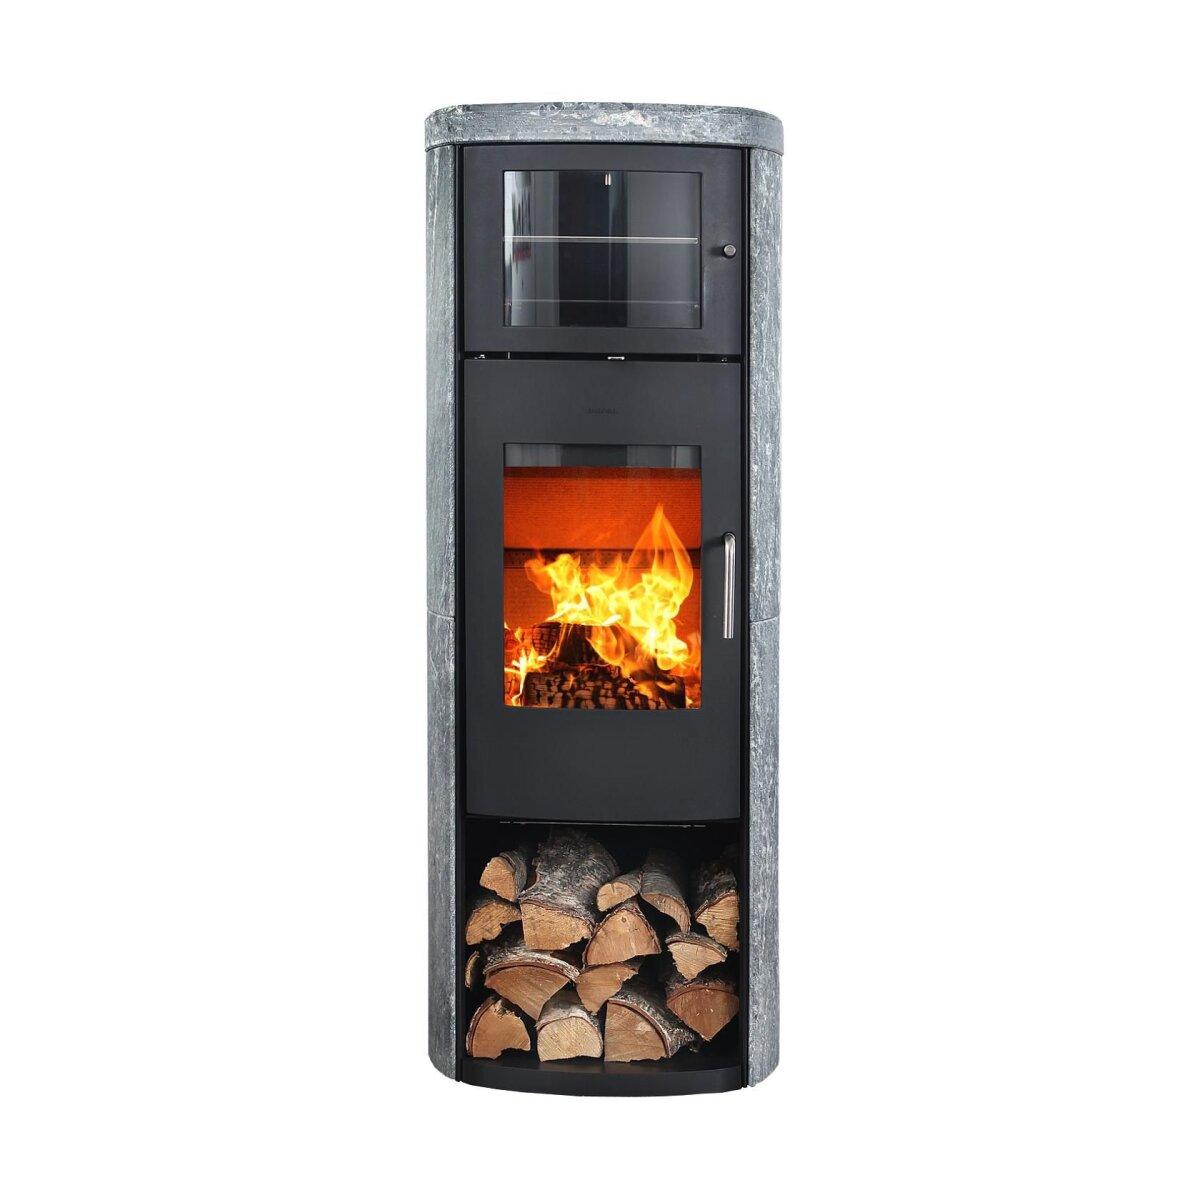 kaminofen gussofen morsoe 8259 speckstein mit warmhaltefach 7 kw von morsoe. Black Bedroom Furniture Sets. Home Design Ideas